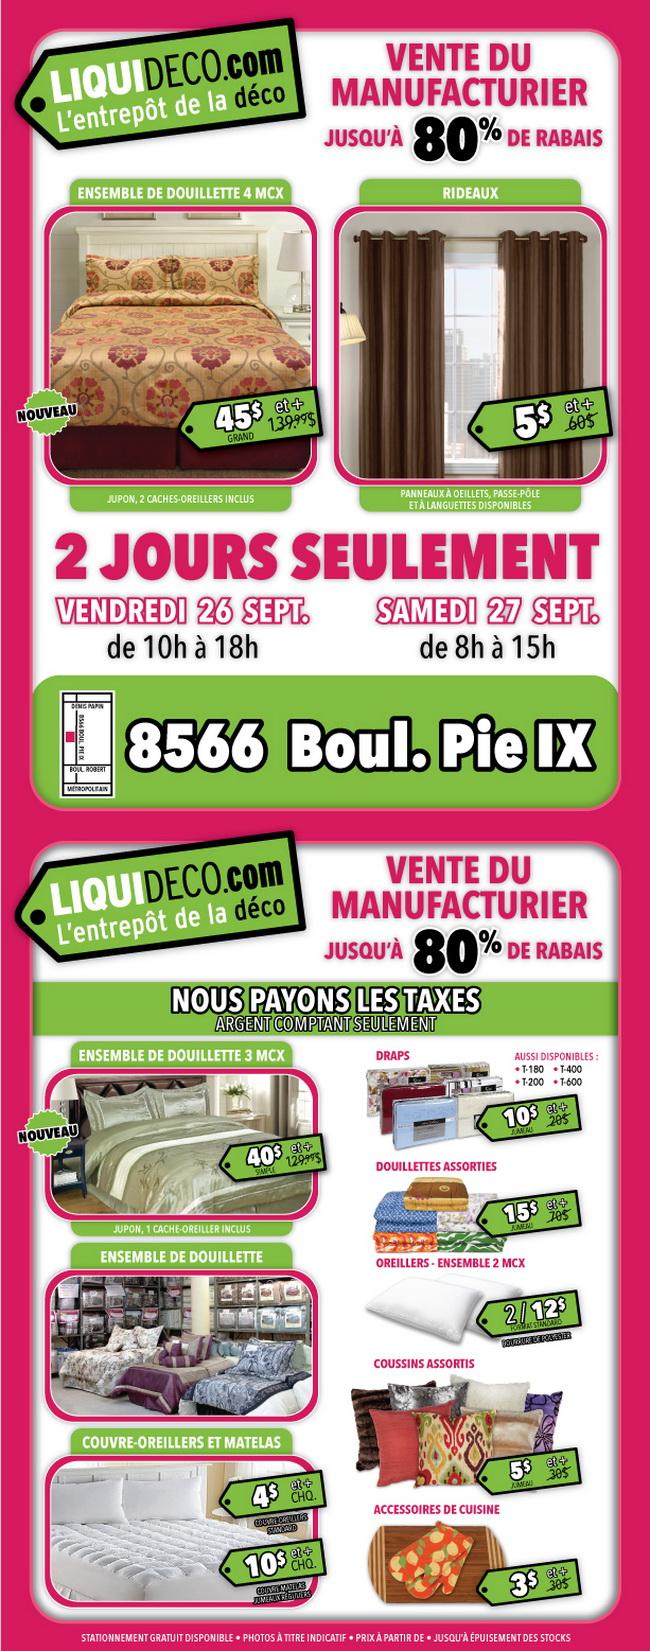 liquideco0923